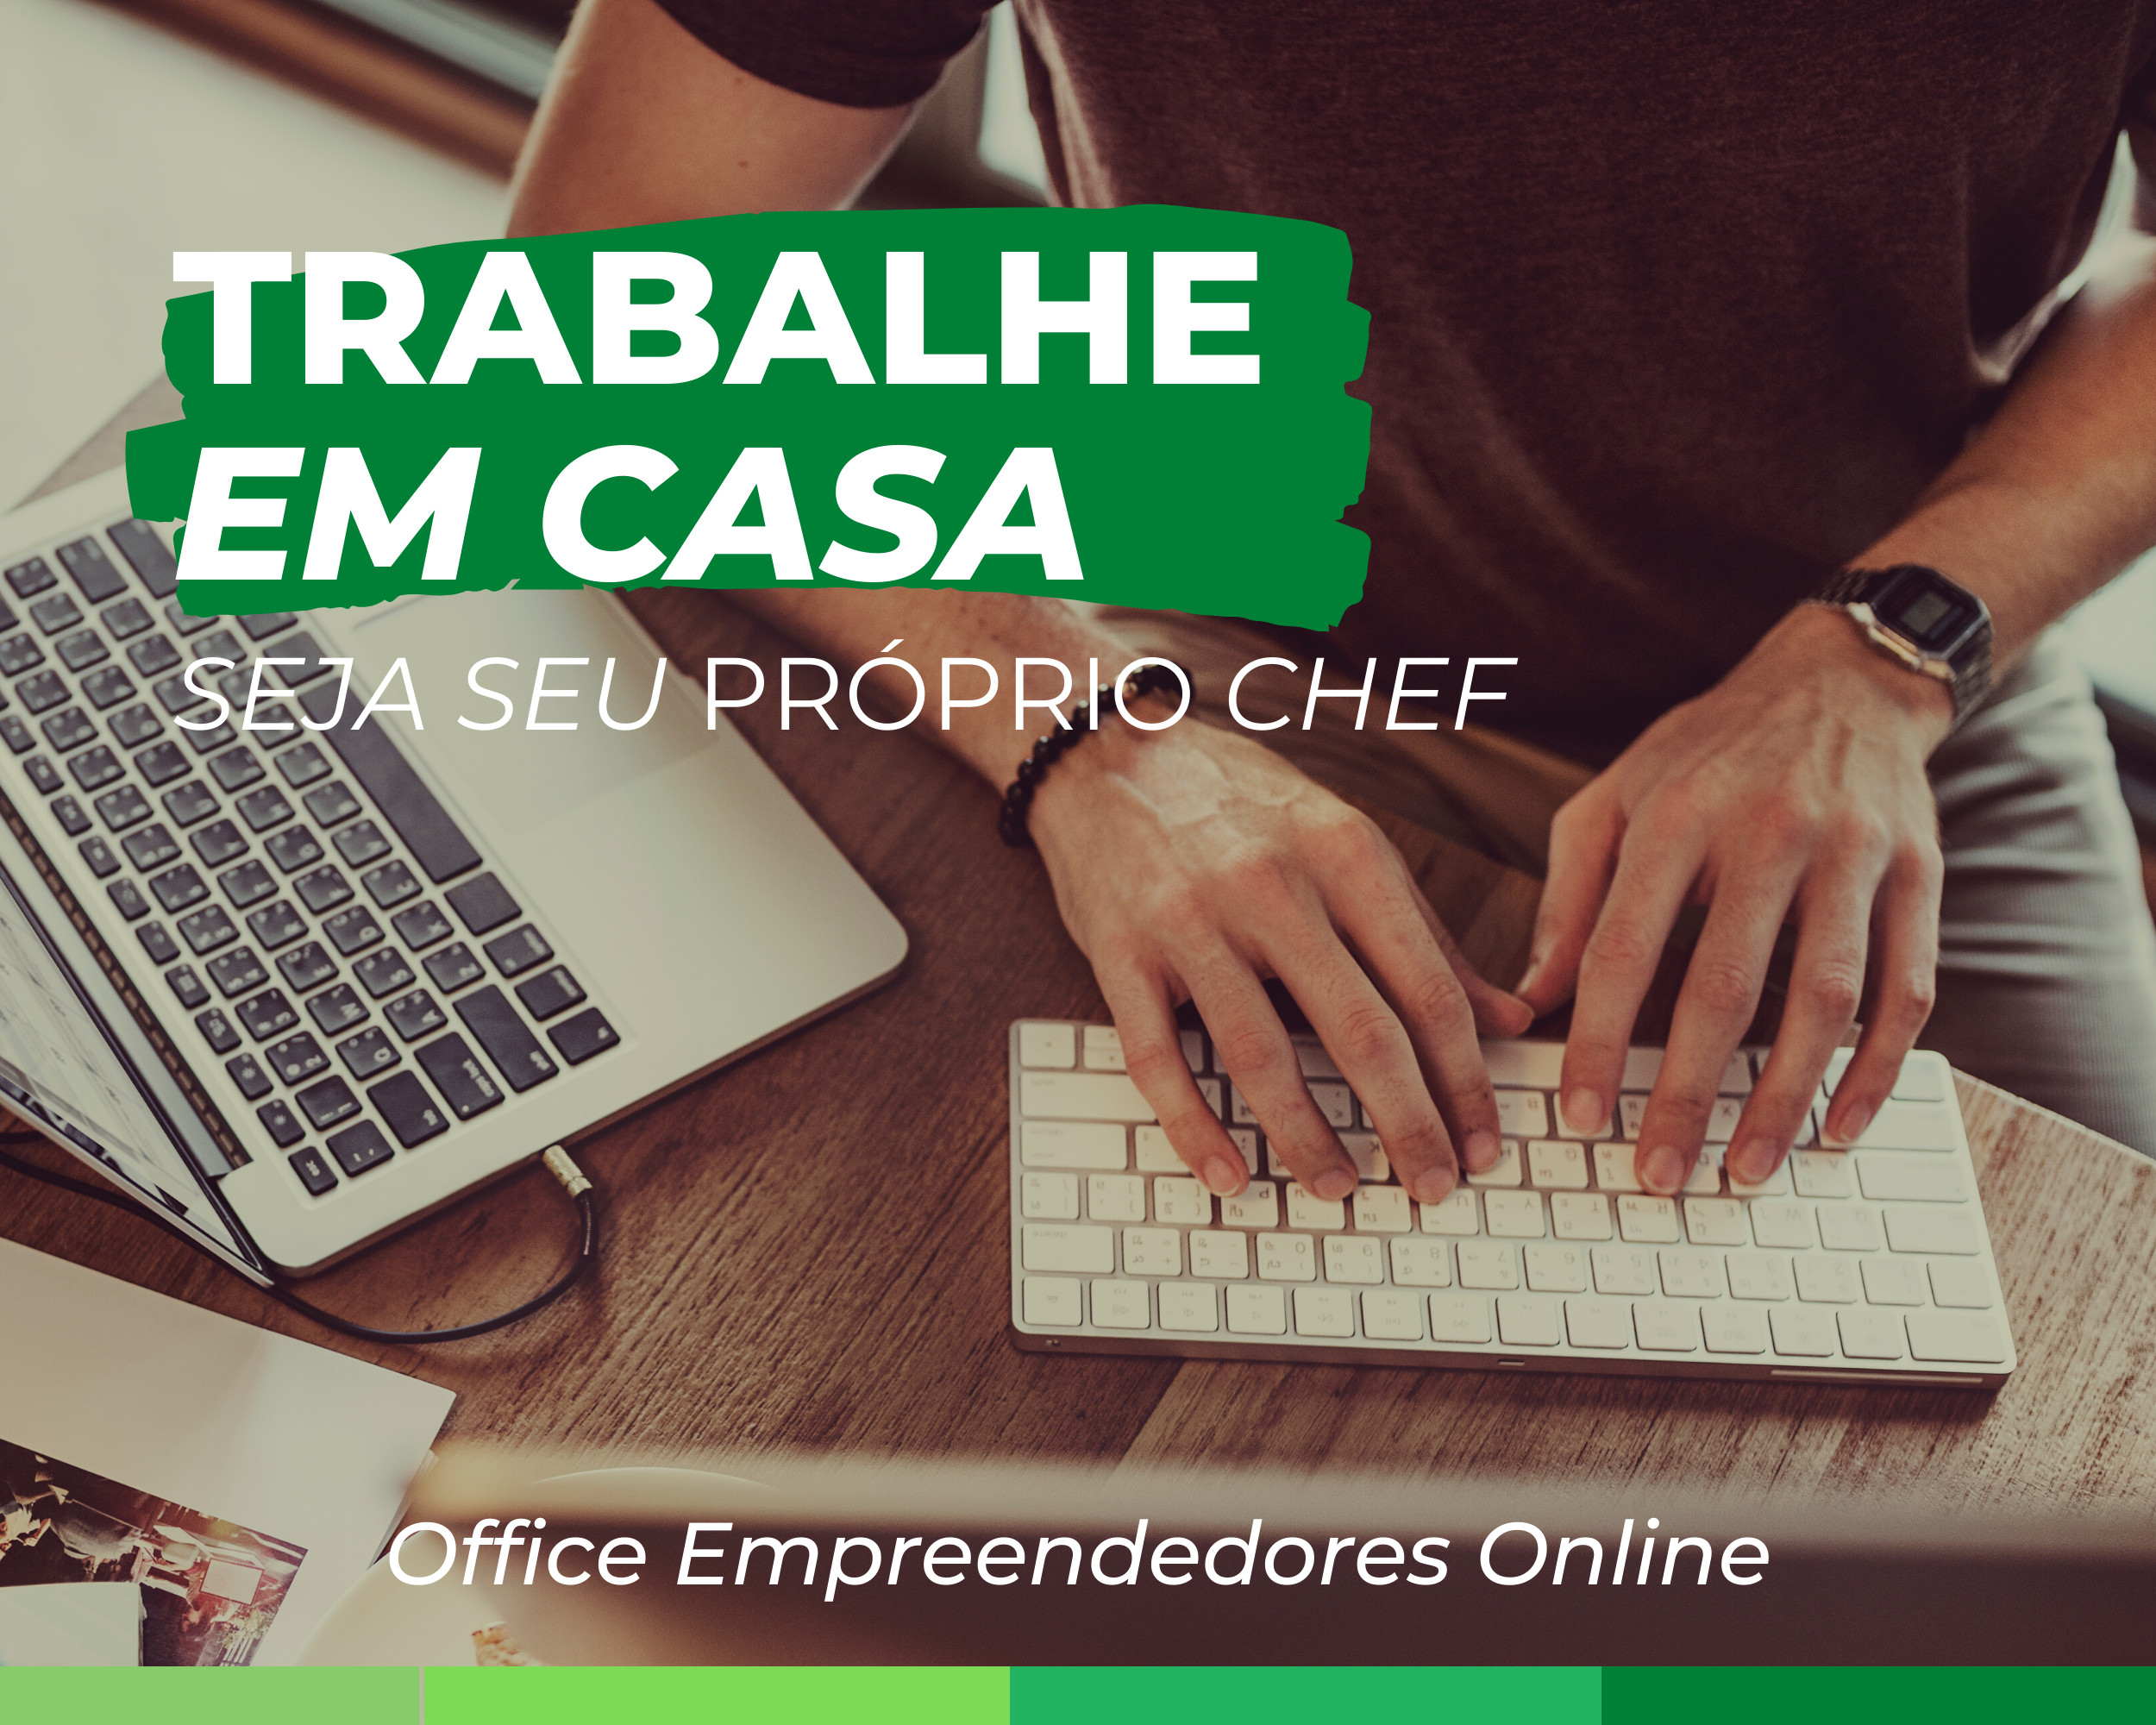 TRABALHE EM CASA, CRIANDO